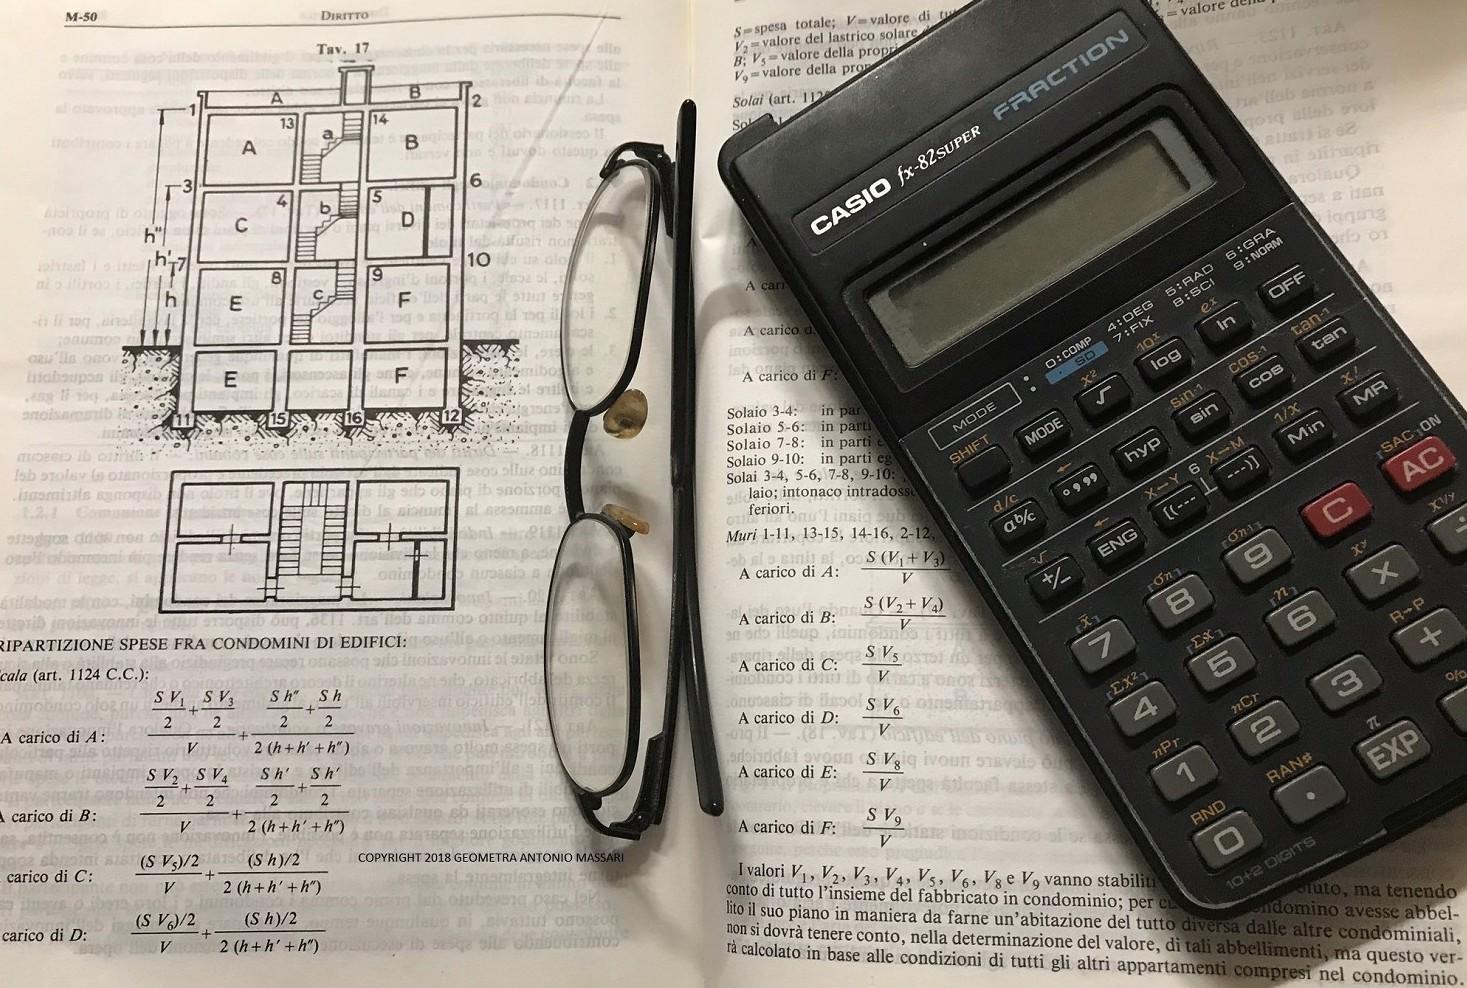 Compromesso casa con registrazione notaio o senza. Cosa cambia